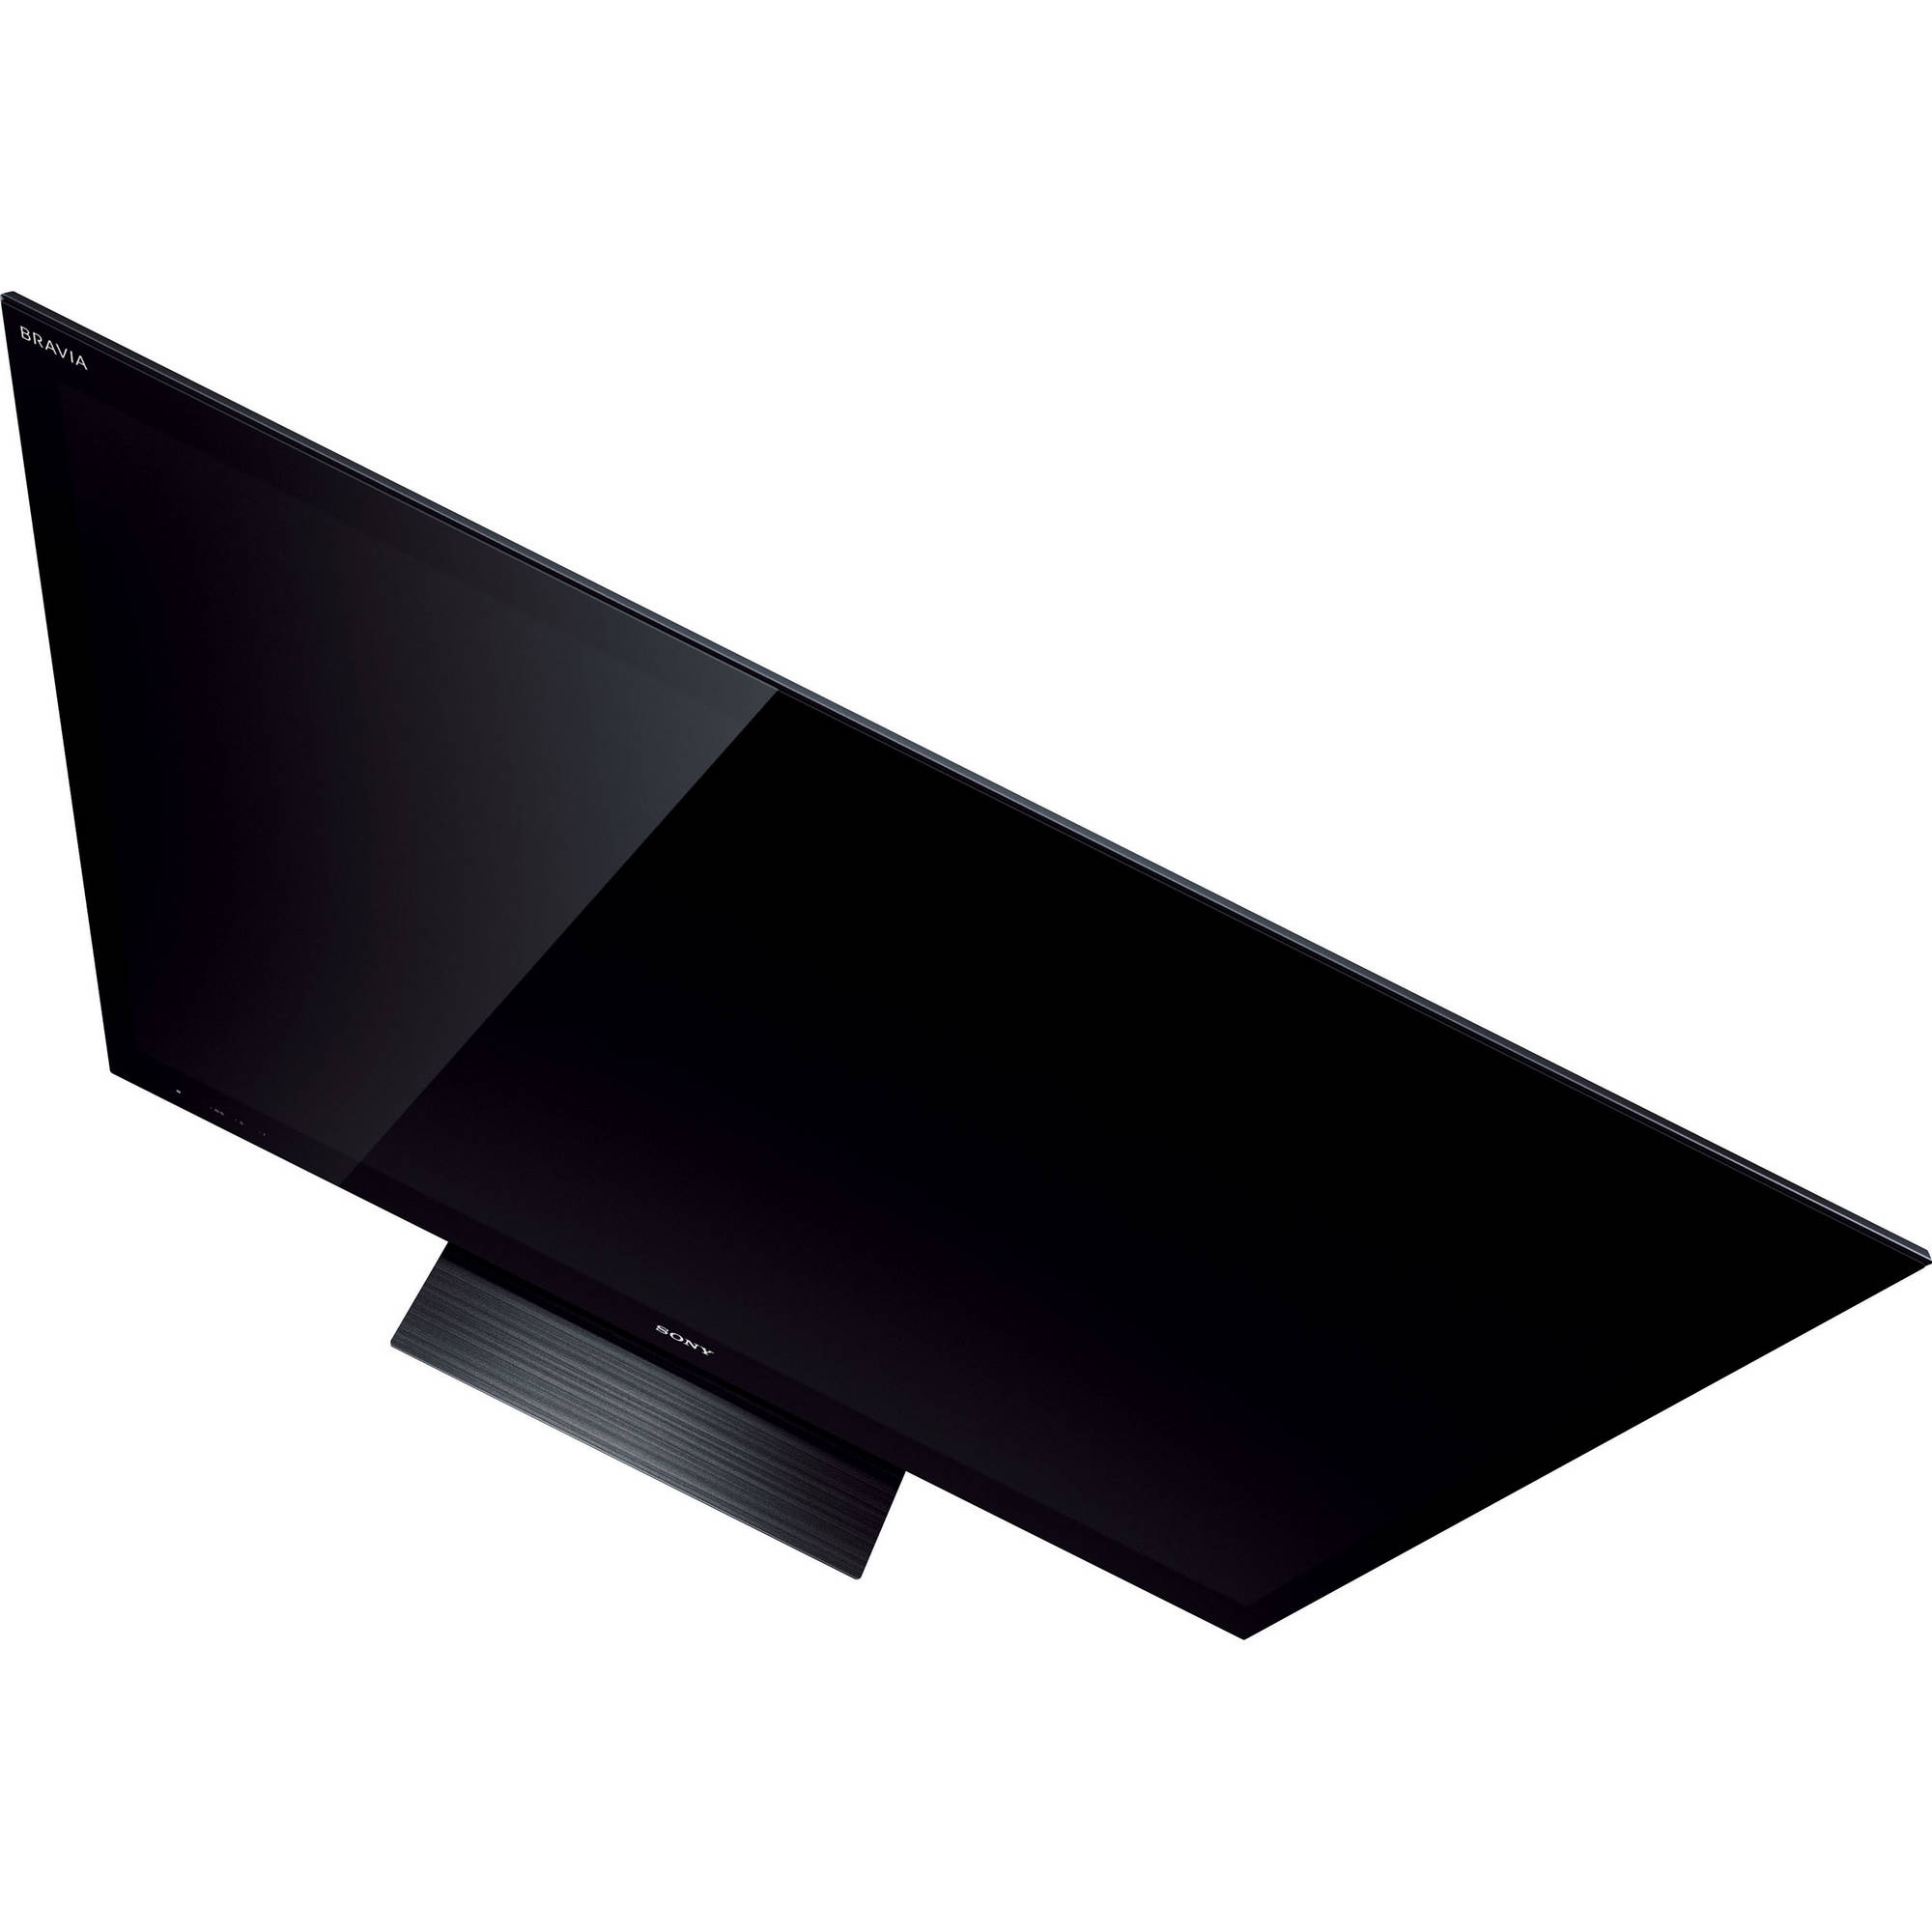 Sony KDL46HX820 46